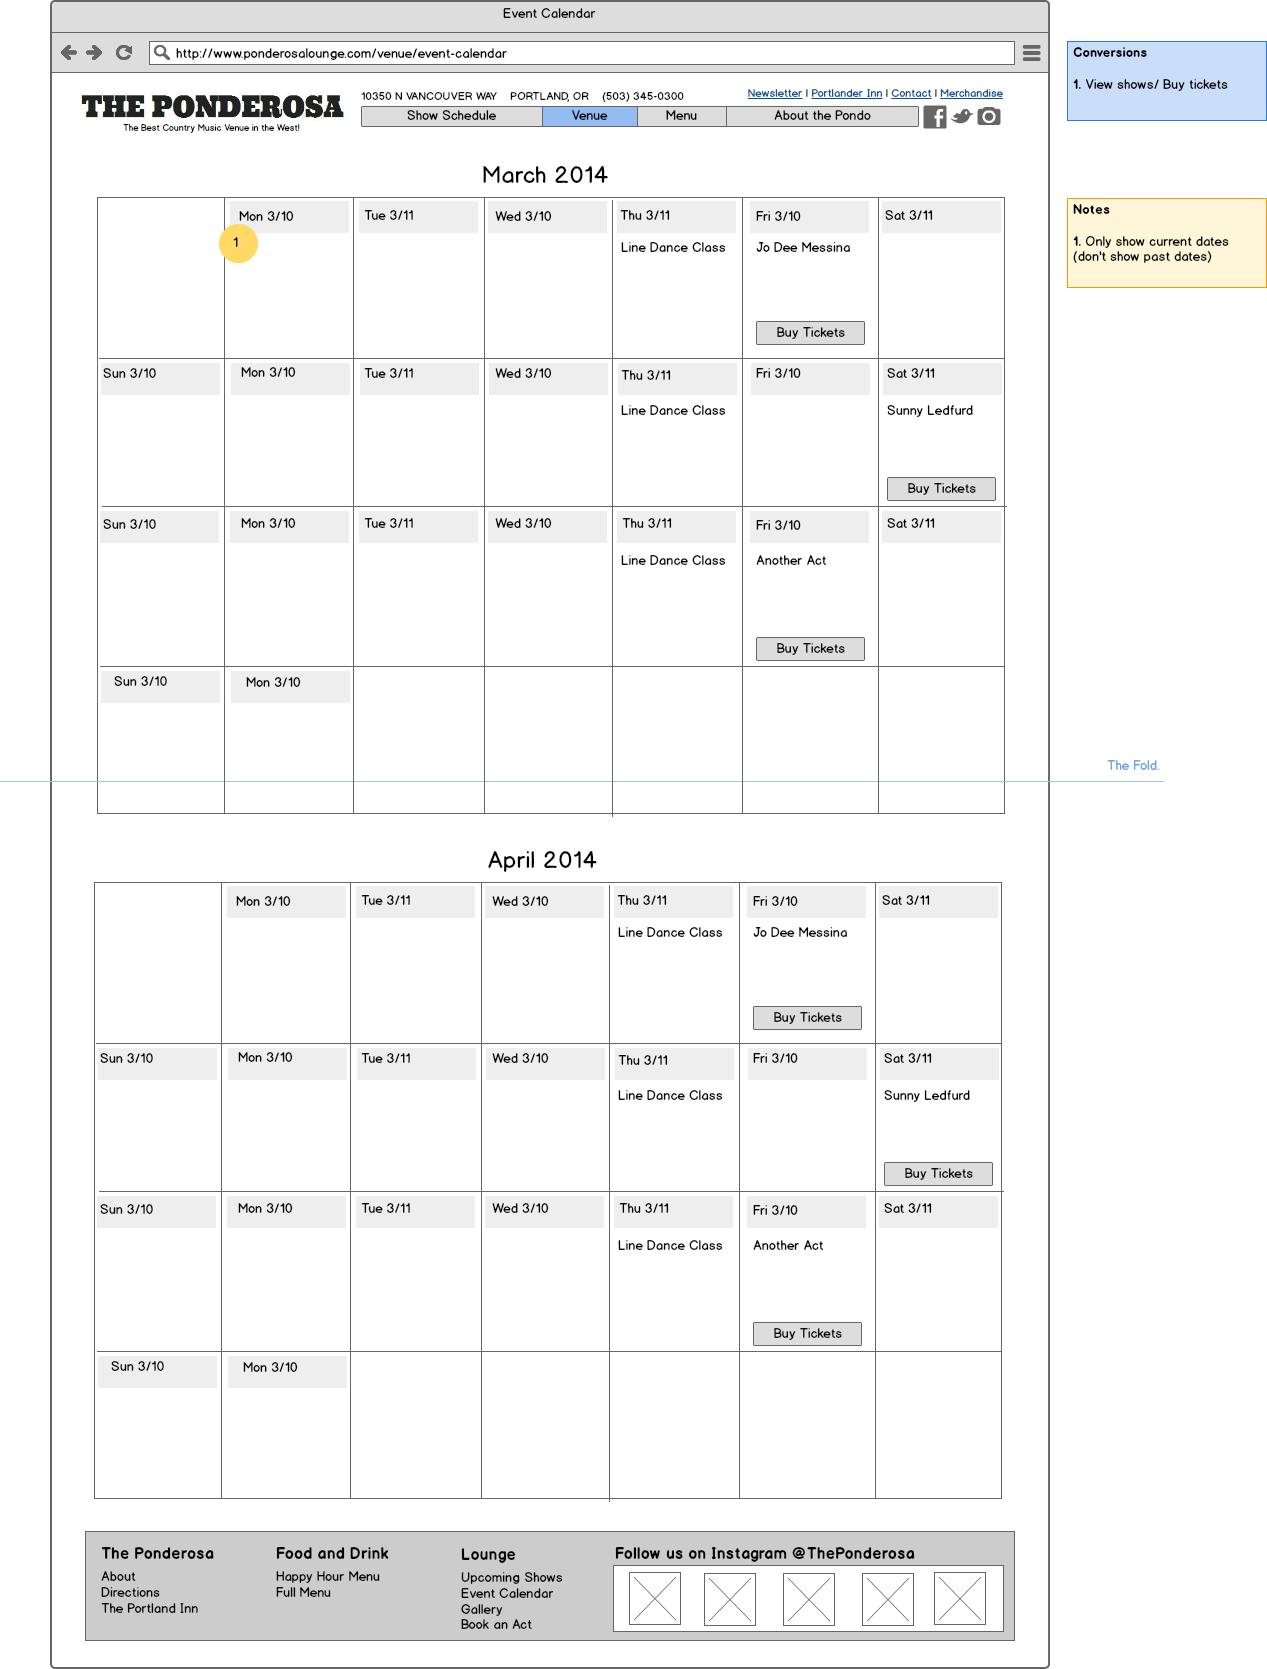 3_1_1 Event Calendar.png